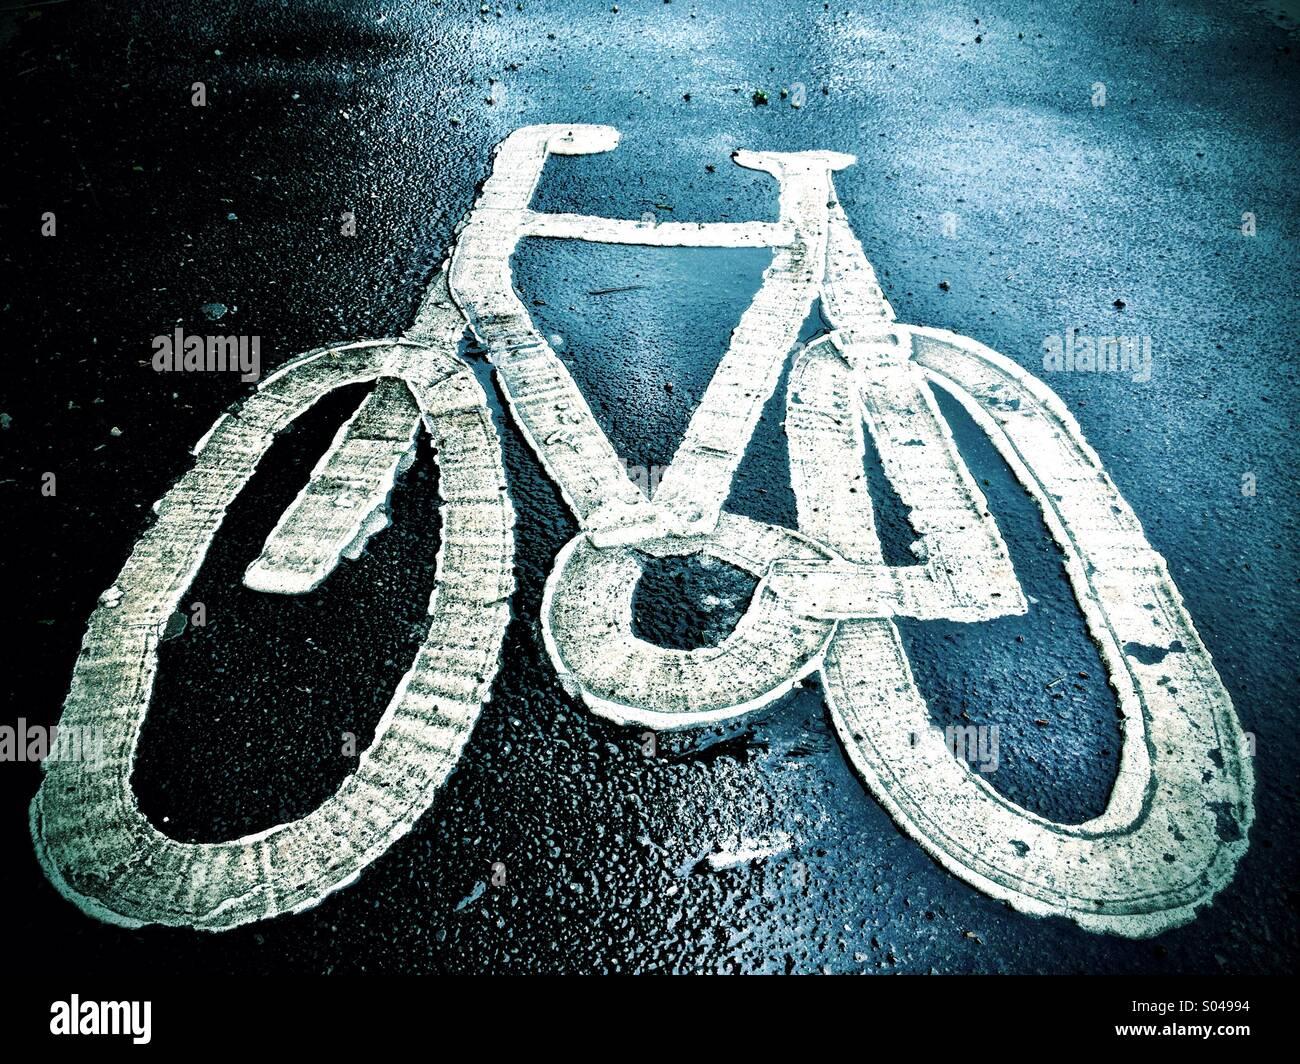 Pintado bicicletas Imagen De Stock